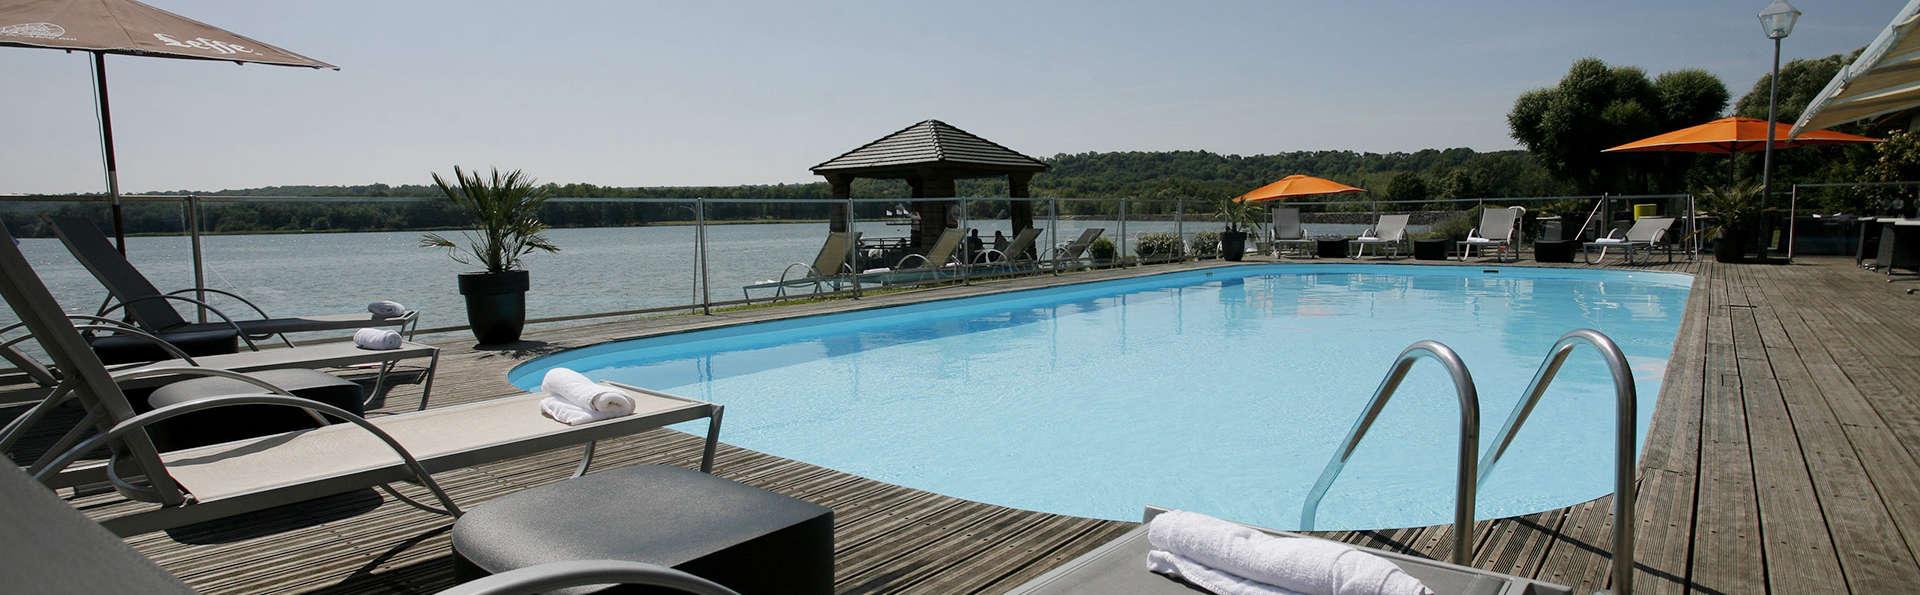 Escapade détente avec modelage & Jacuzzi privatif sur les bords du Lac de l'Ailette près de Reims